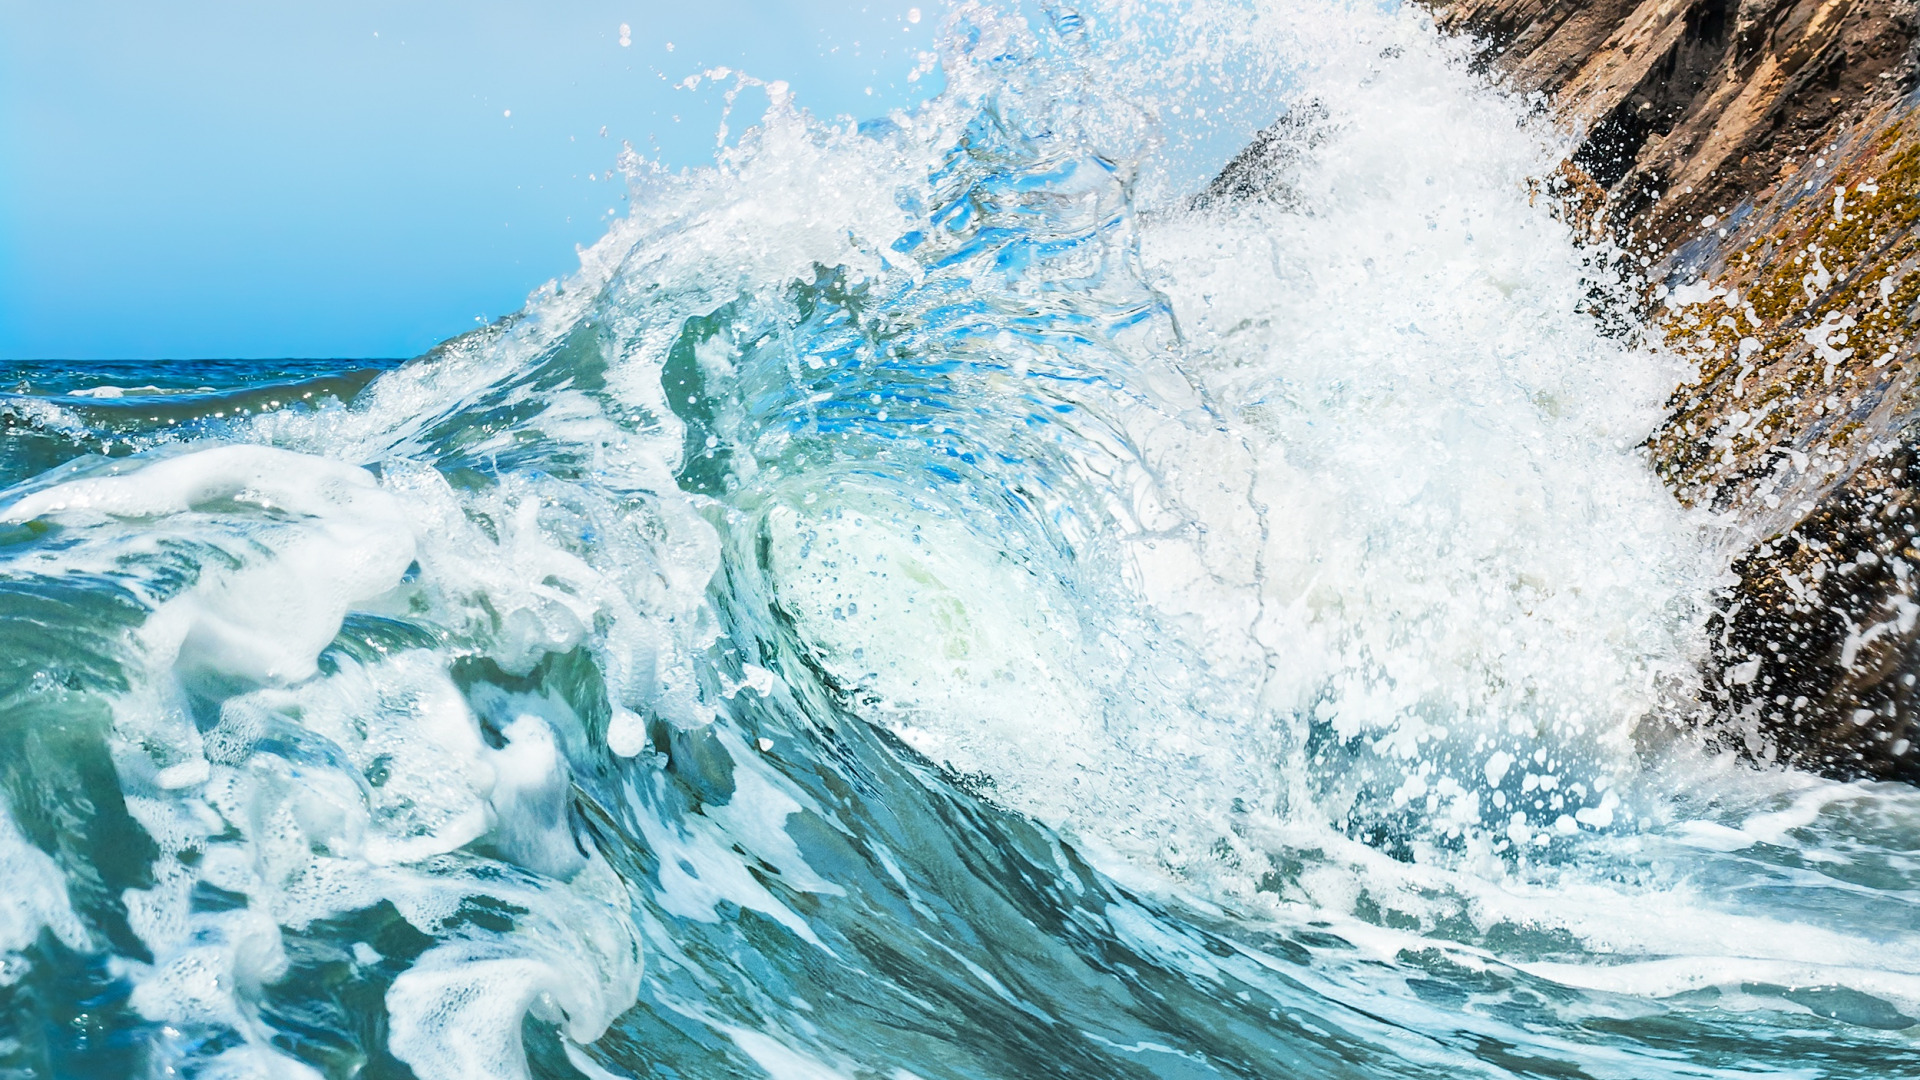 Море волны брызги  № 2203194 загрузить